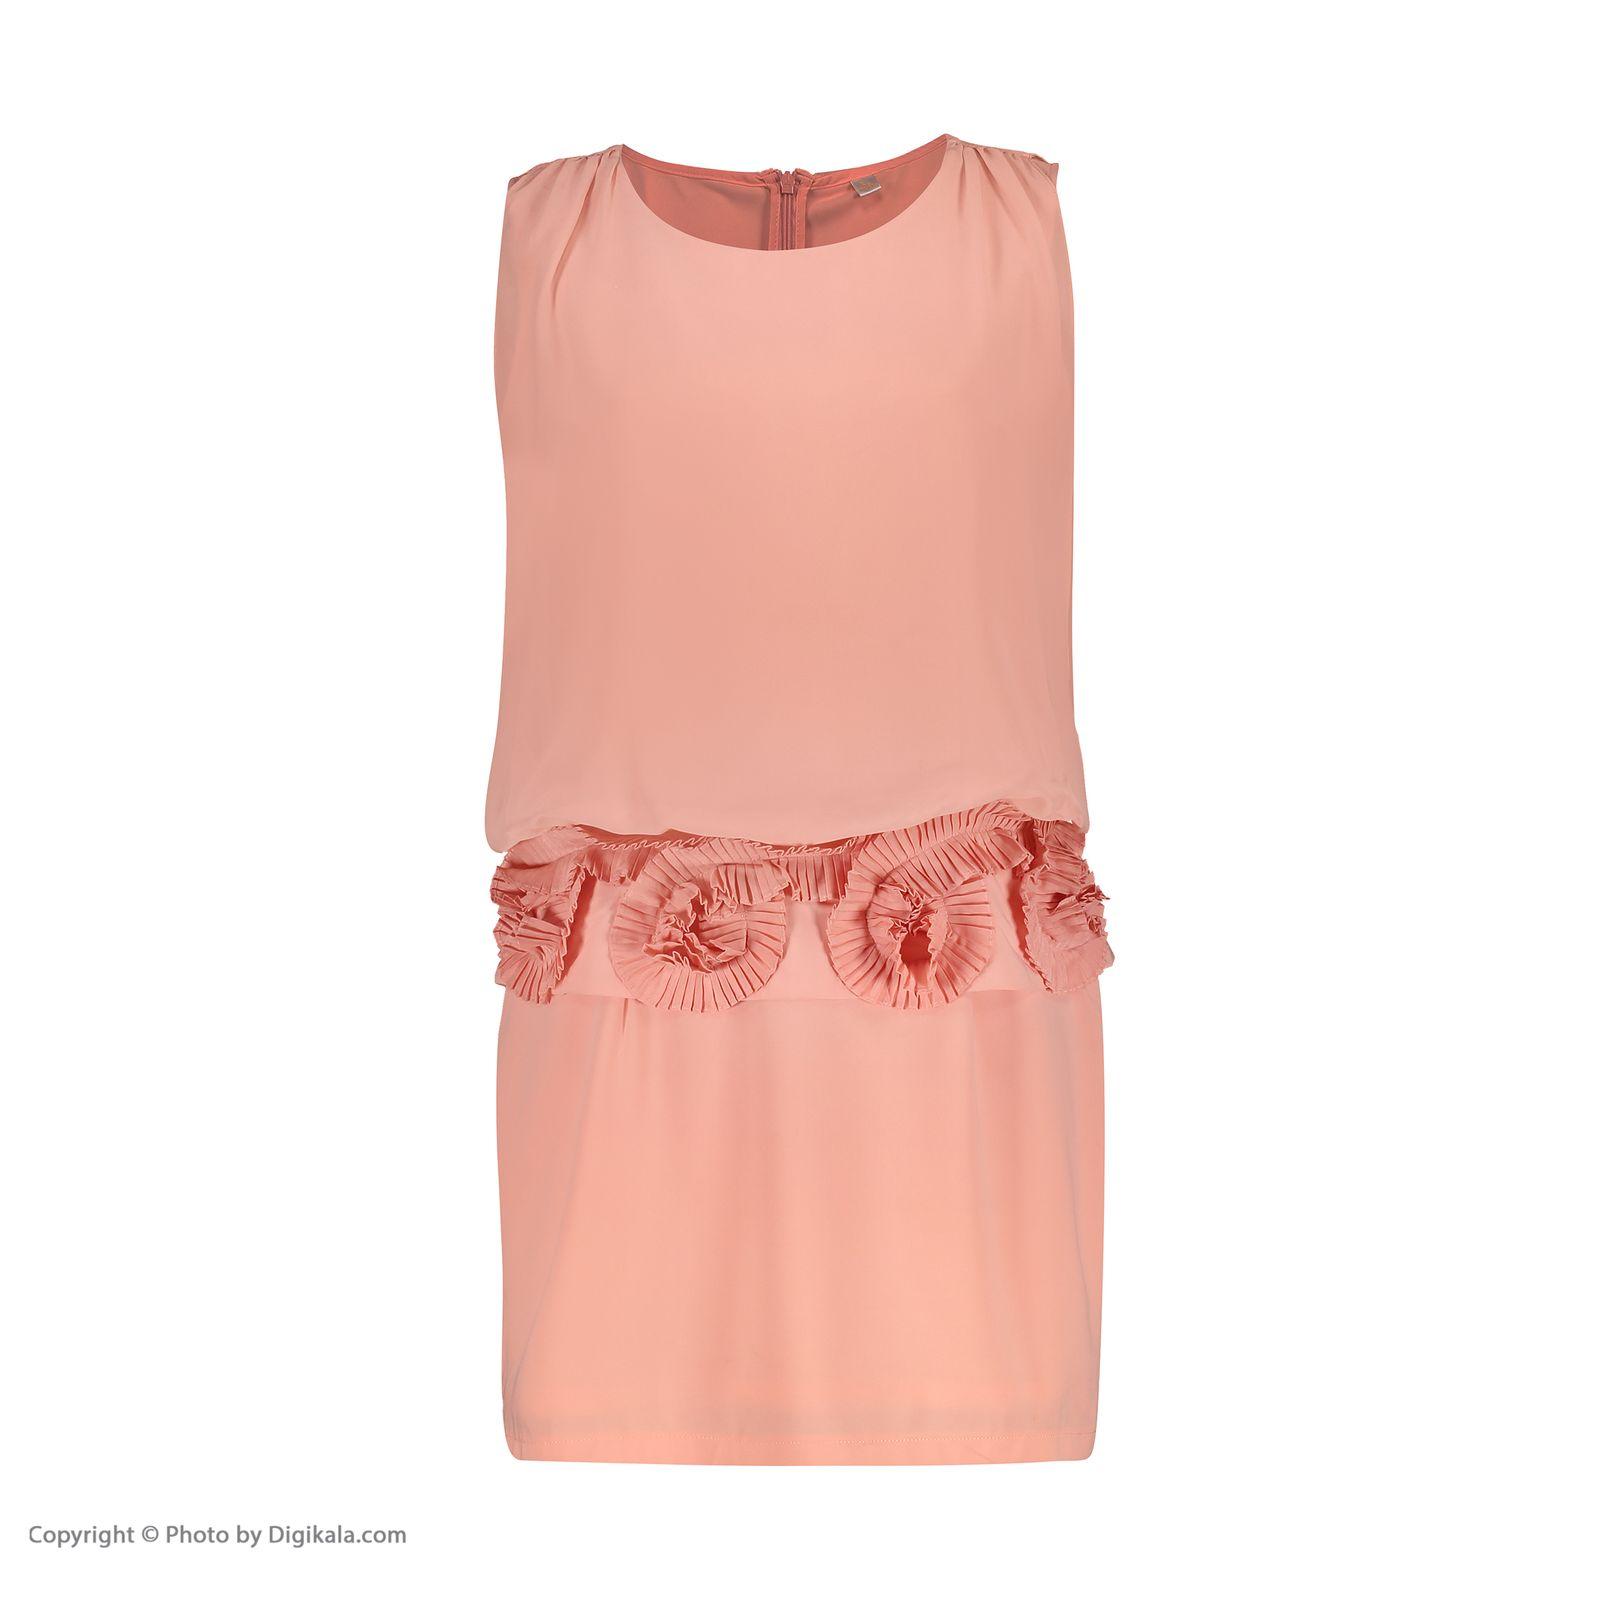 پیراهن زنانه کد Ir-903 -  - 2